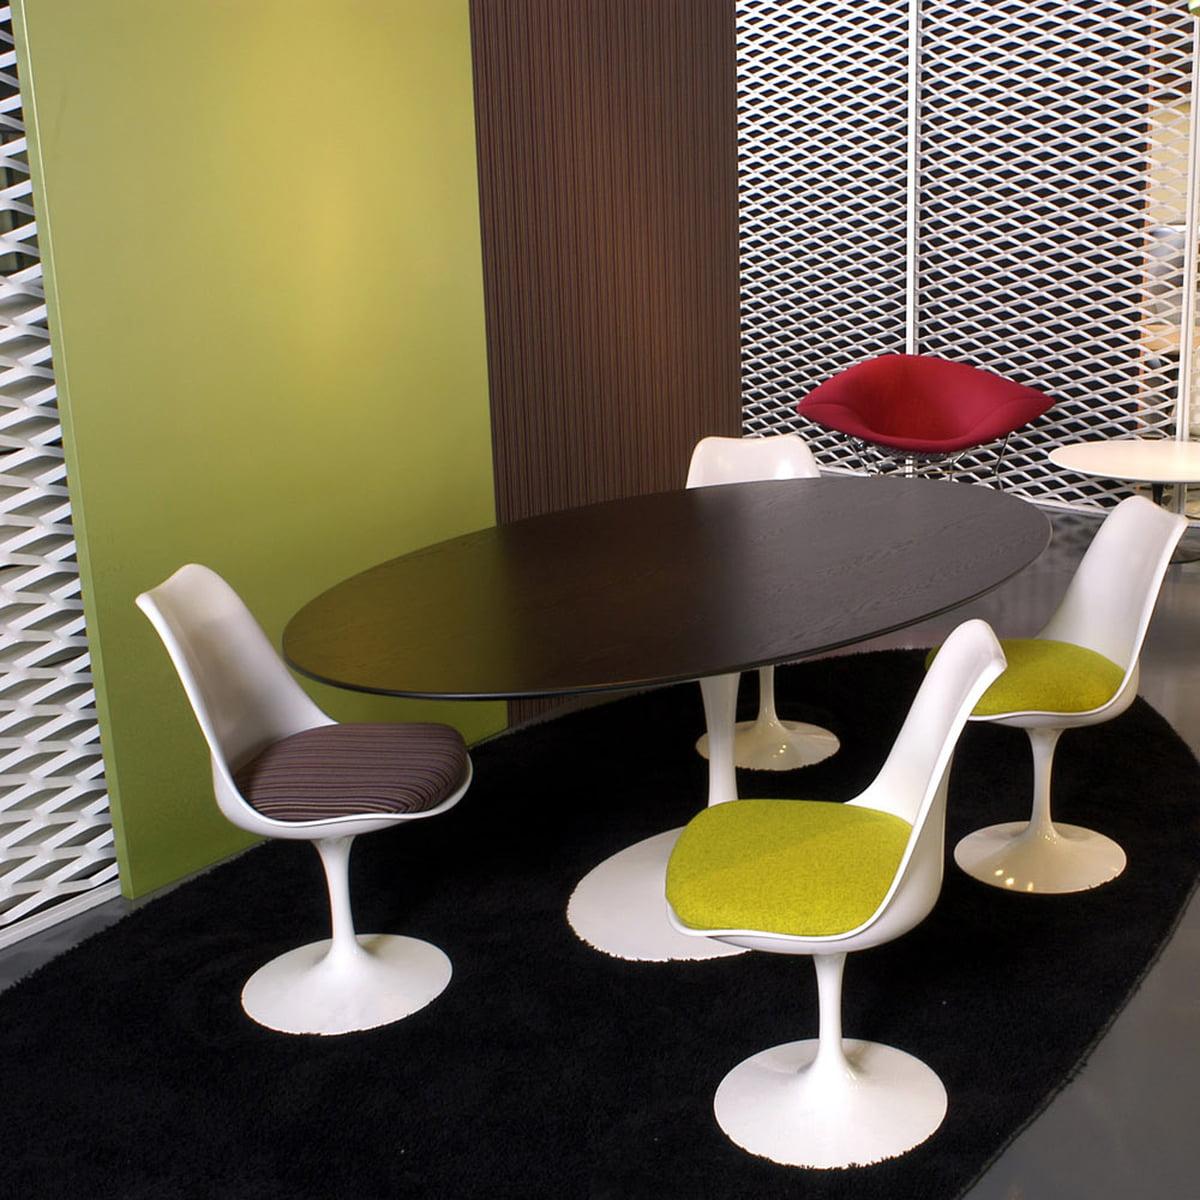 Saarinen Tulip Chair saarinen tulip chairknoll in our shop